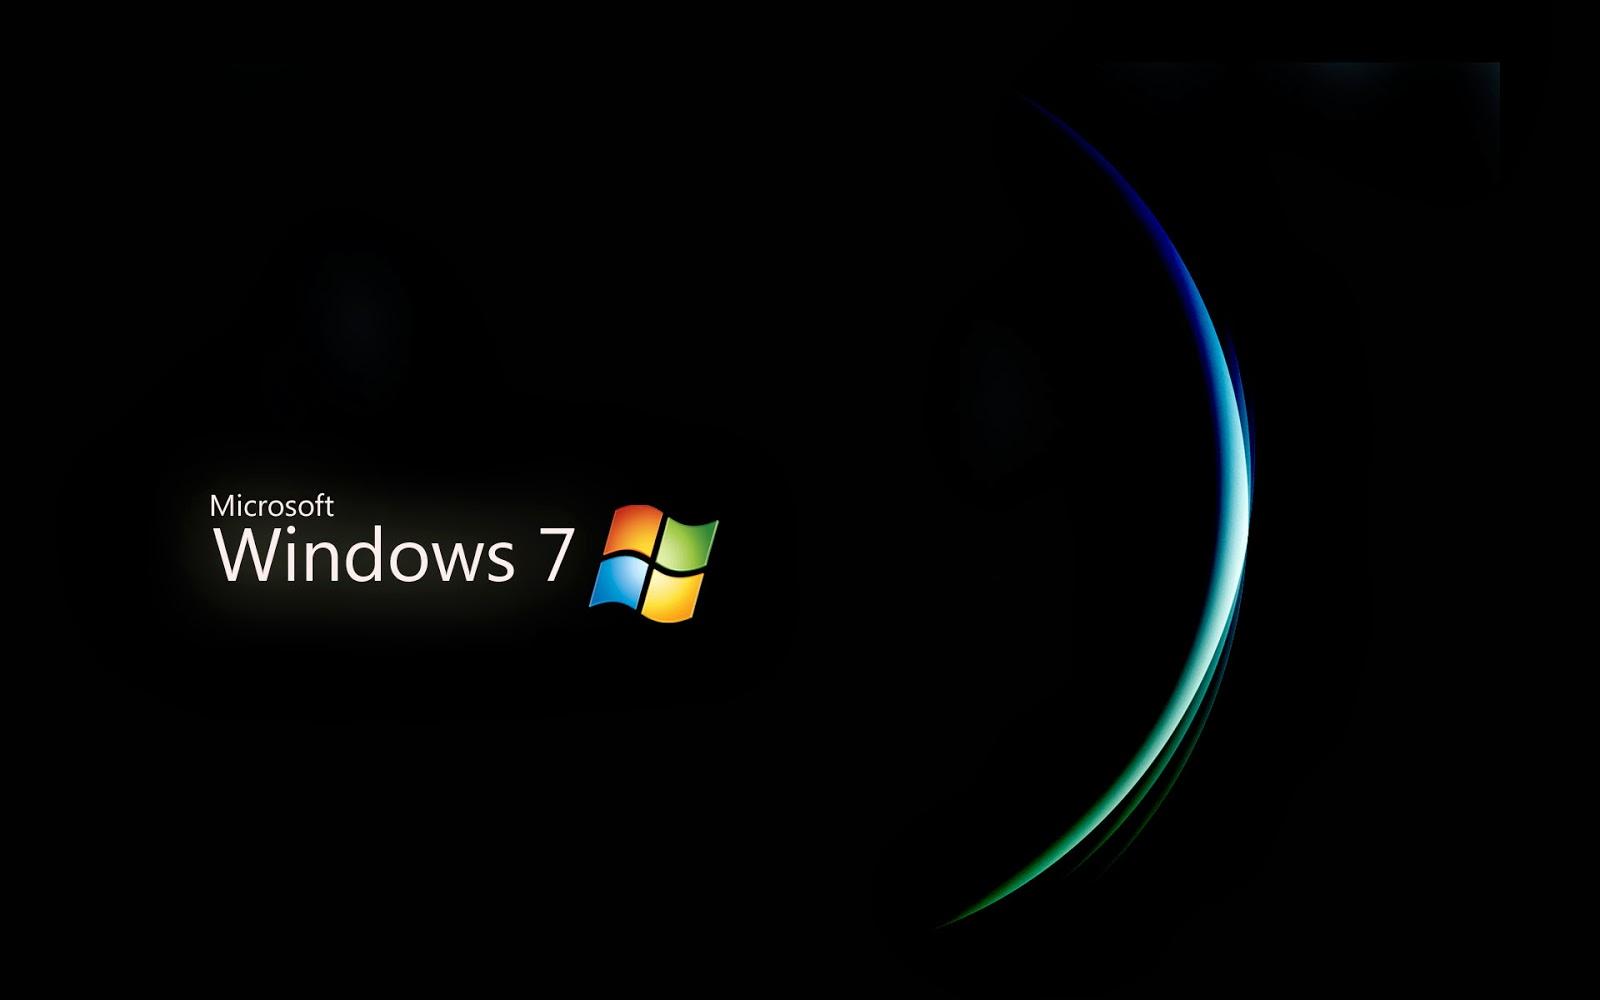 Como Descargar Fondos De: Como Descargar Fondos De Pantalla Para Windows 7 Y 8 Con